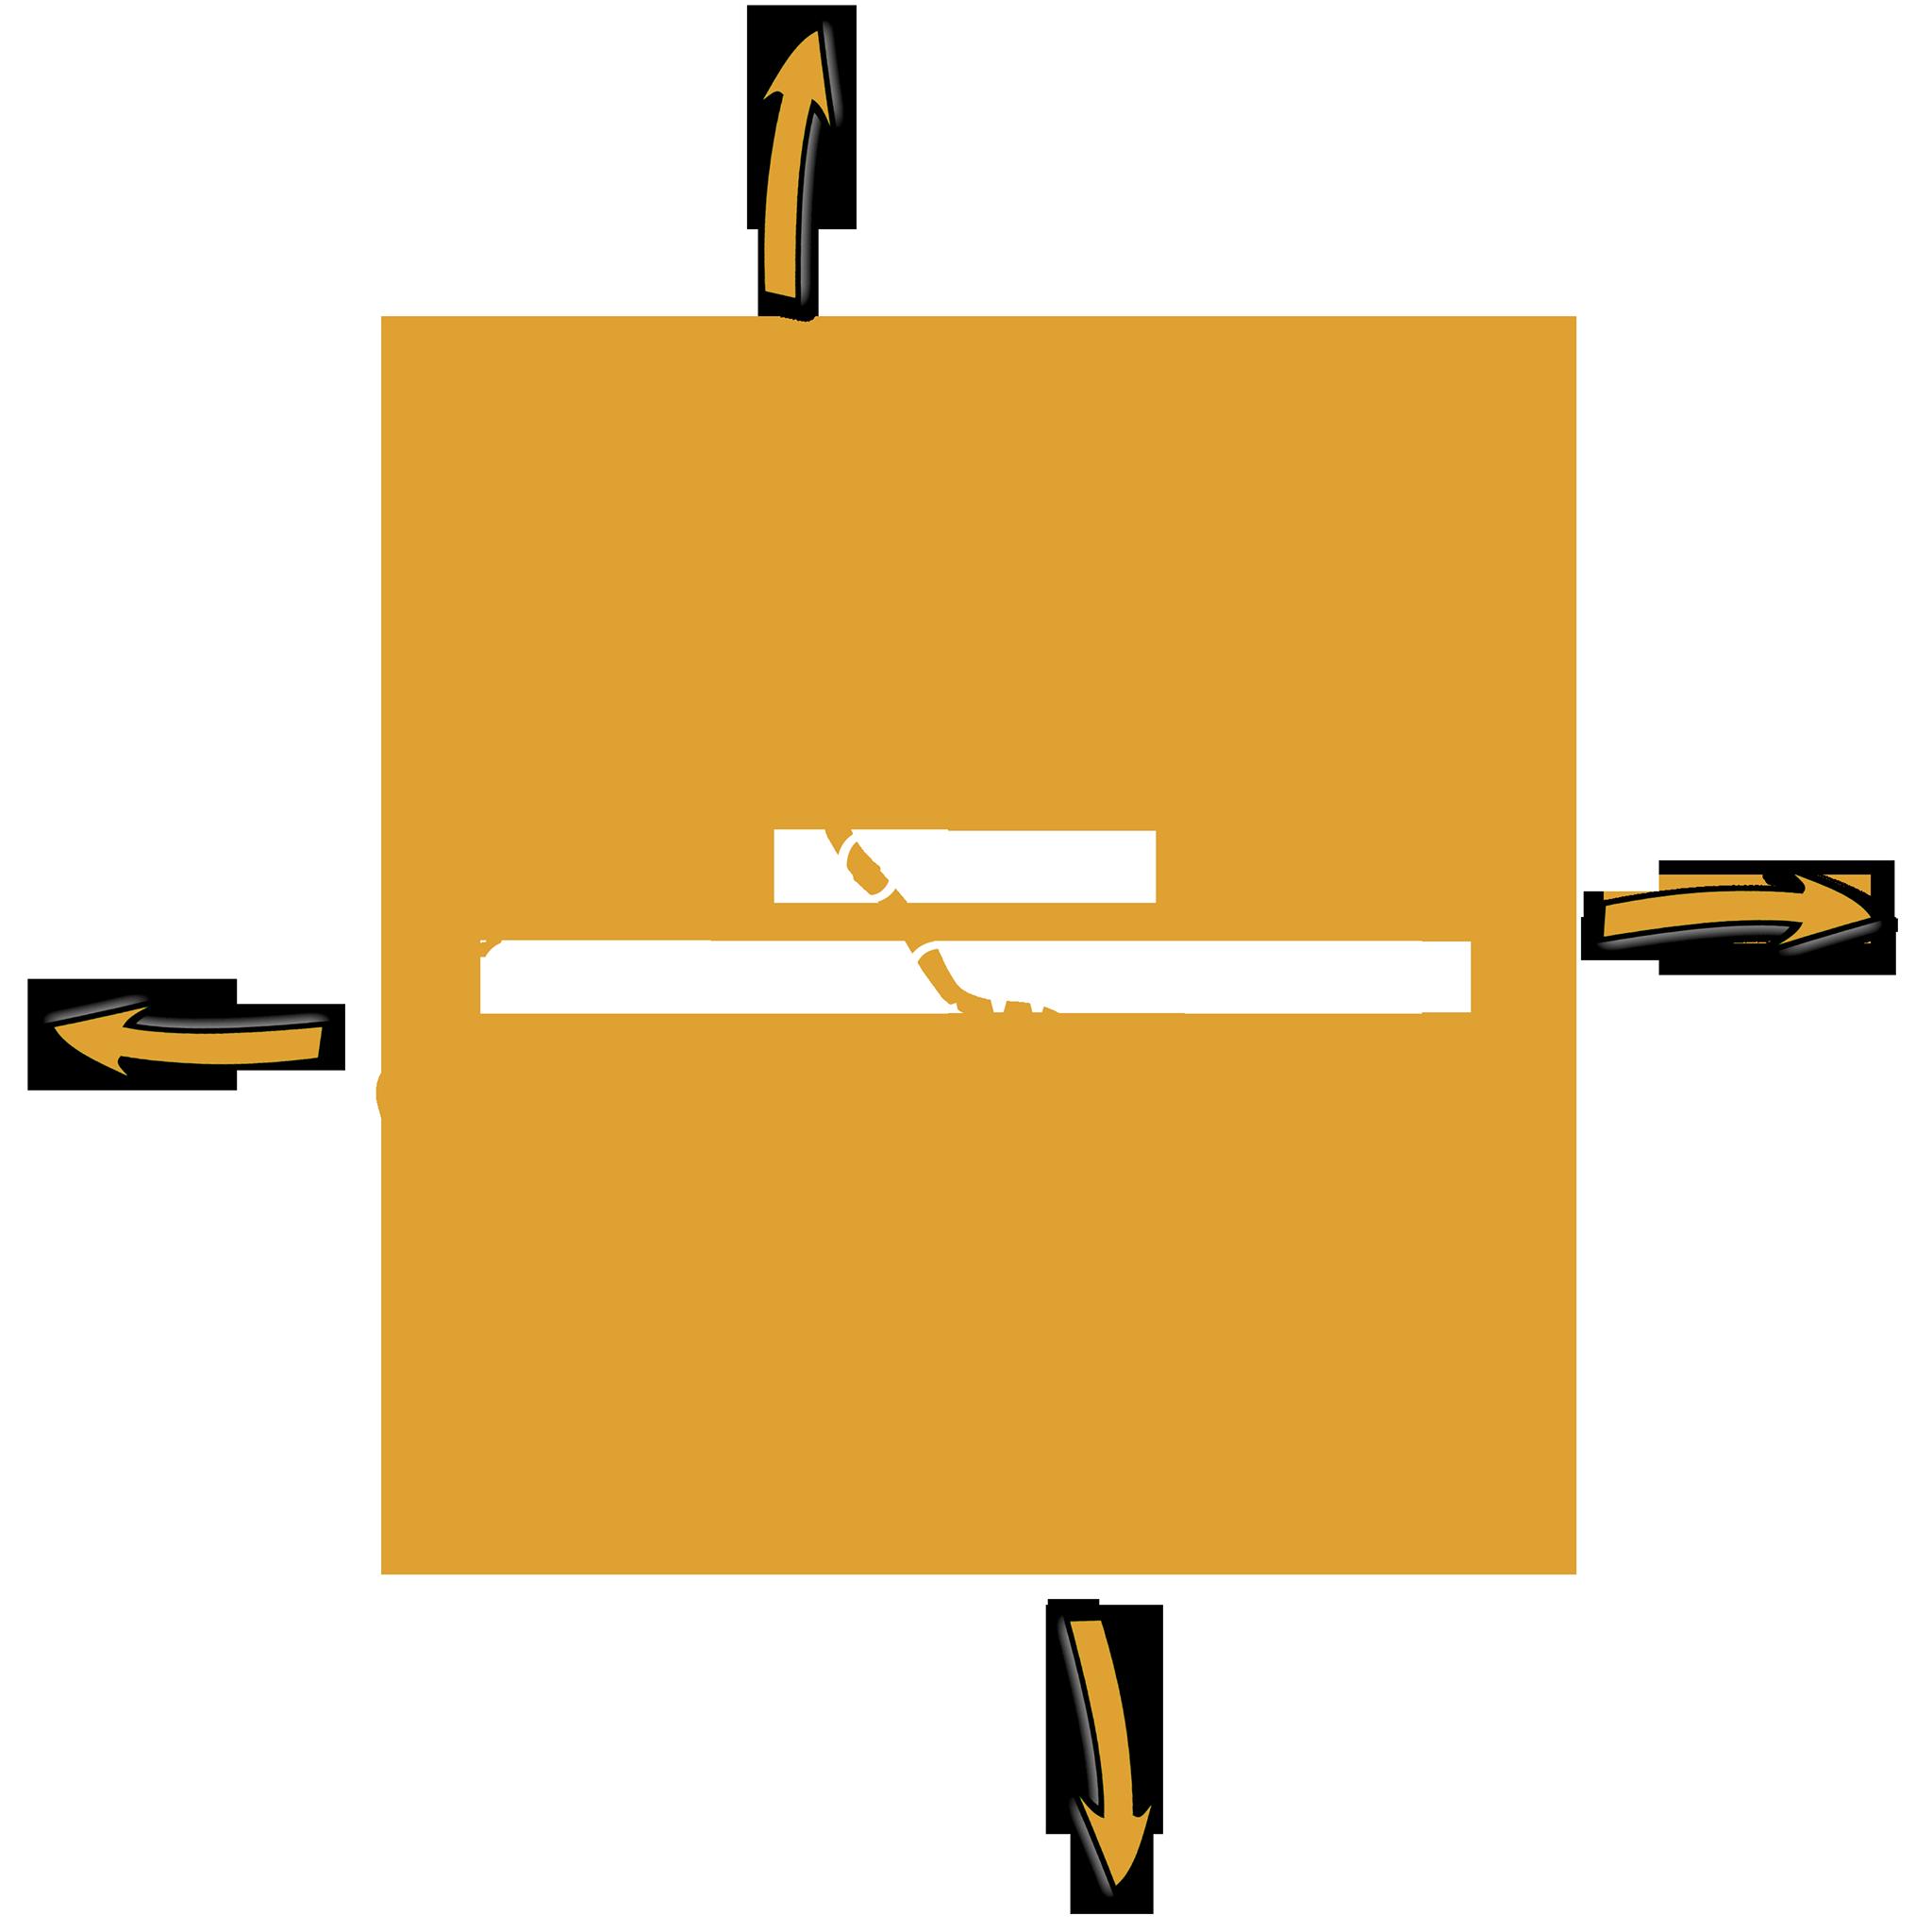 lokalizacja dojazdu Szaf Mix szczegolowa